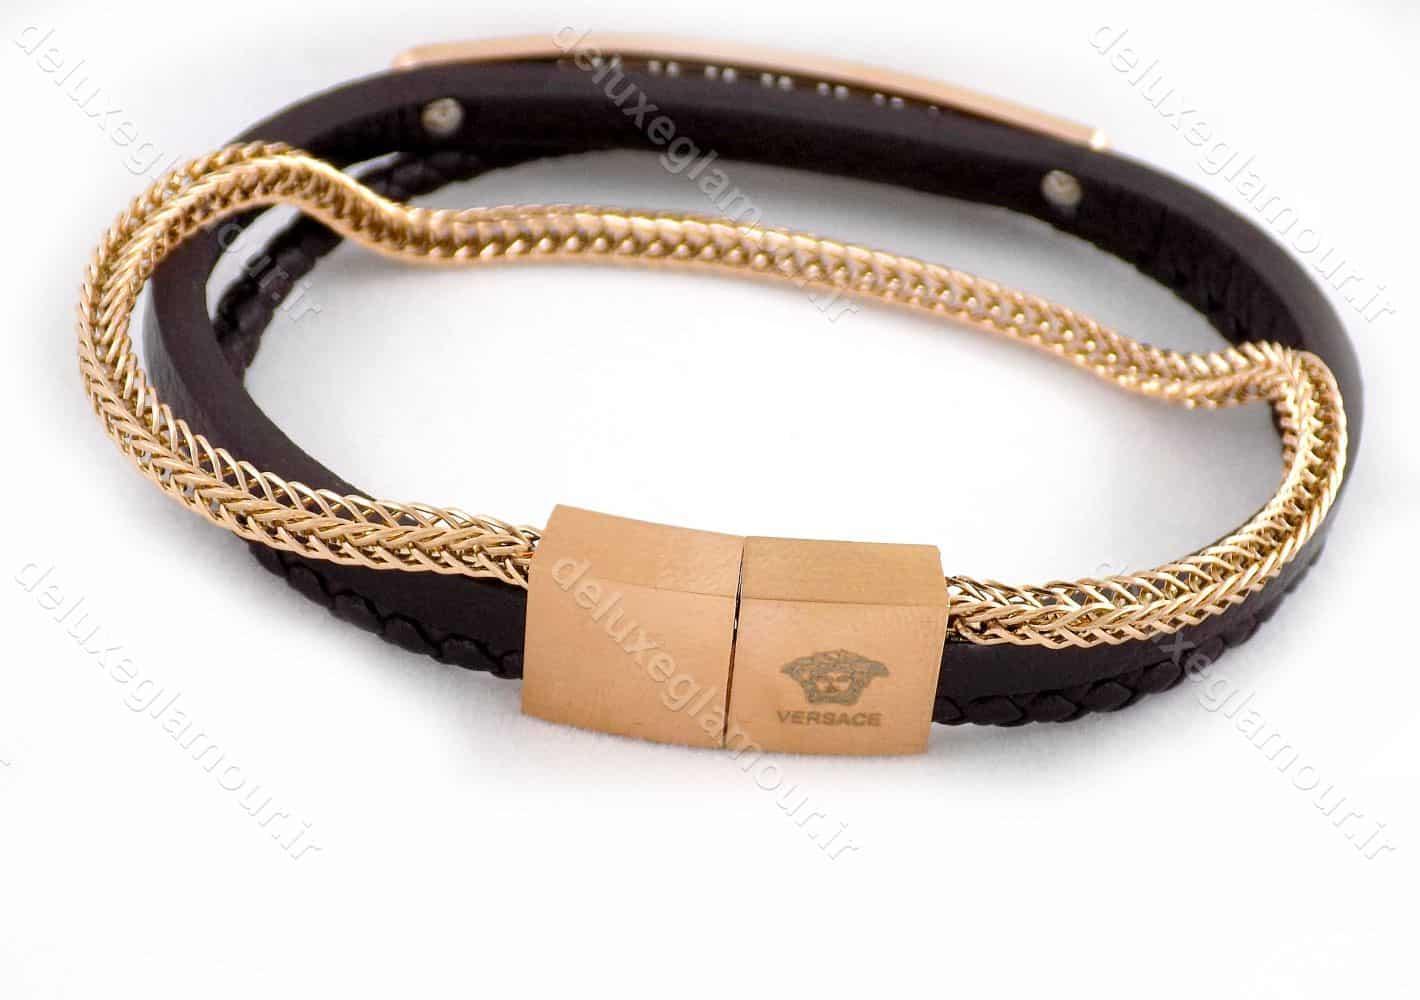 دستبند مردانه چرم سه لاینه زنجیری با رویه استیل رنگ رزگلد ds-n189